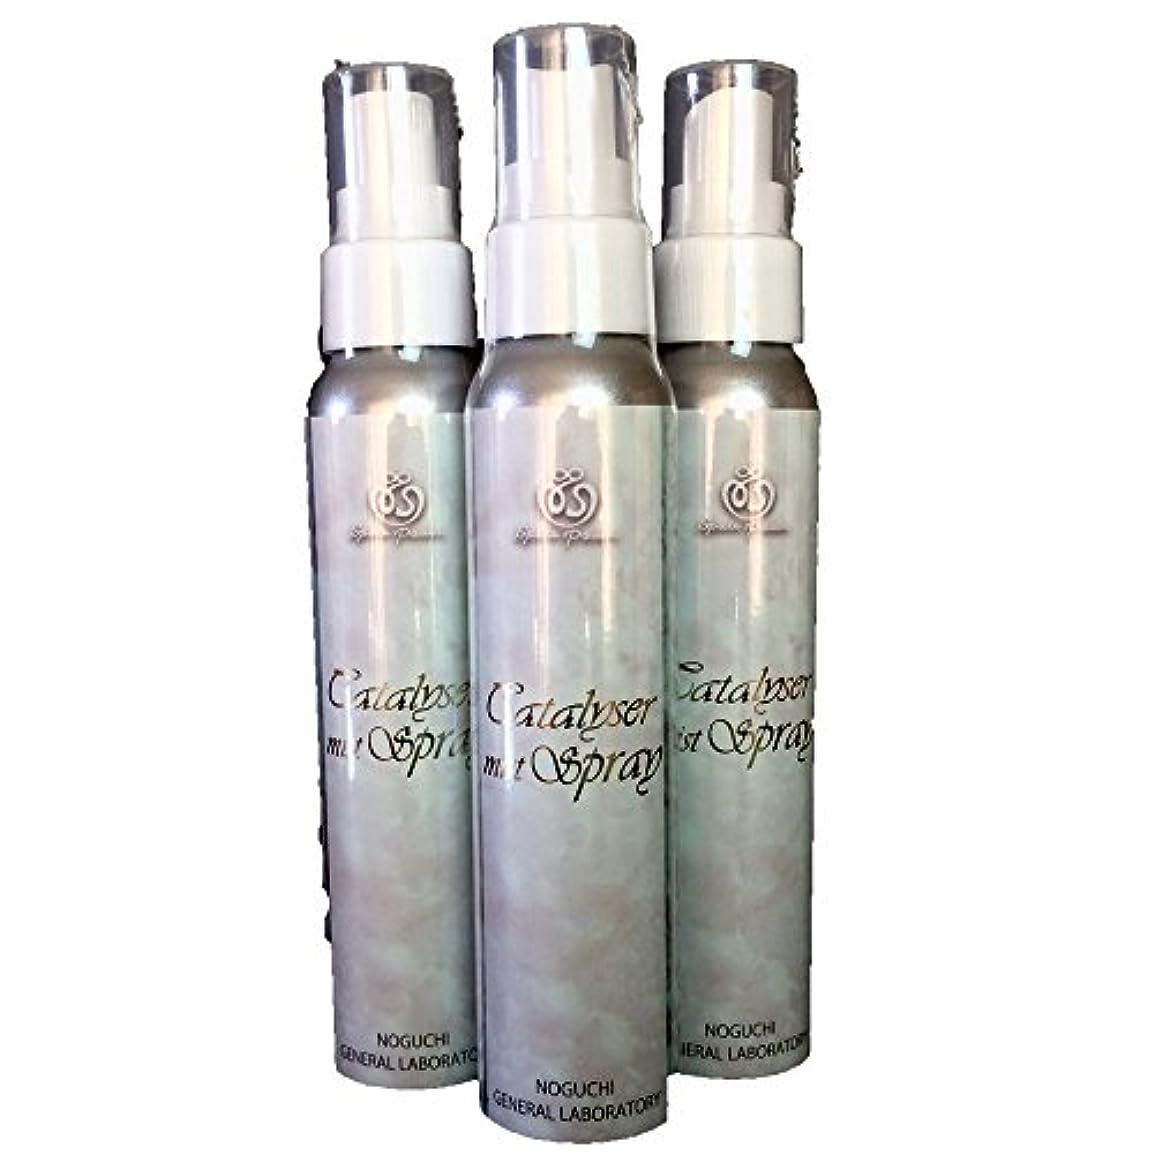 アンテナゲスト撤回するカタライザーミストスプレー(ミスト化粧水)3本セット